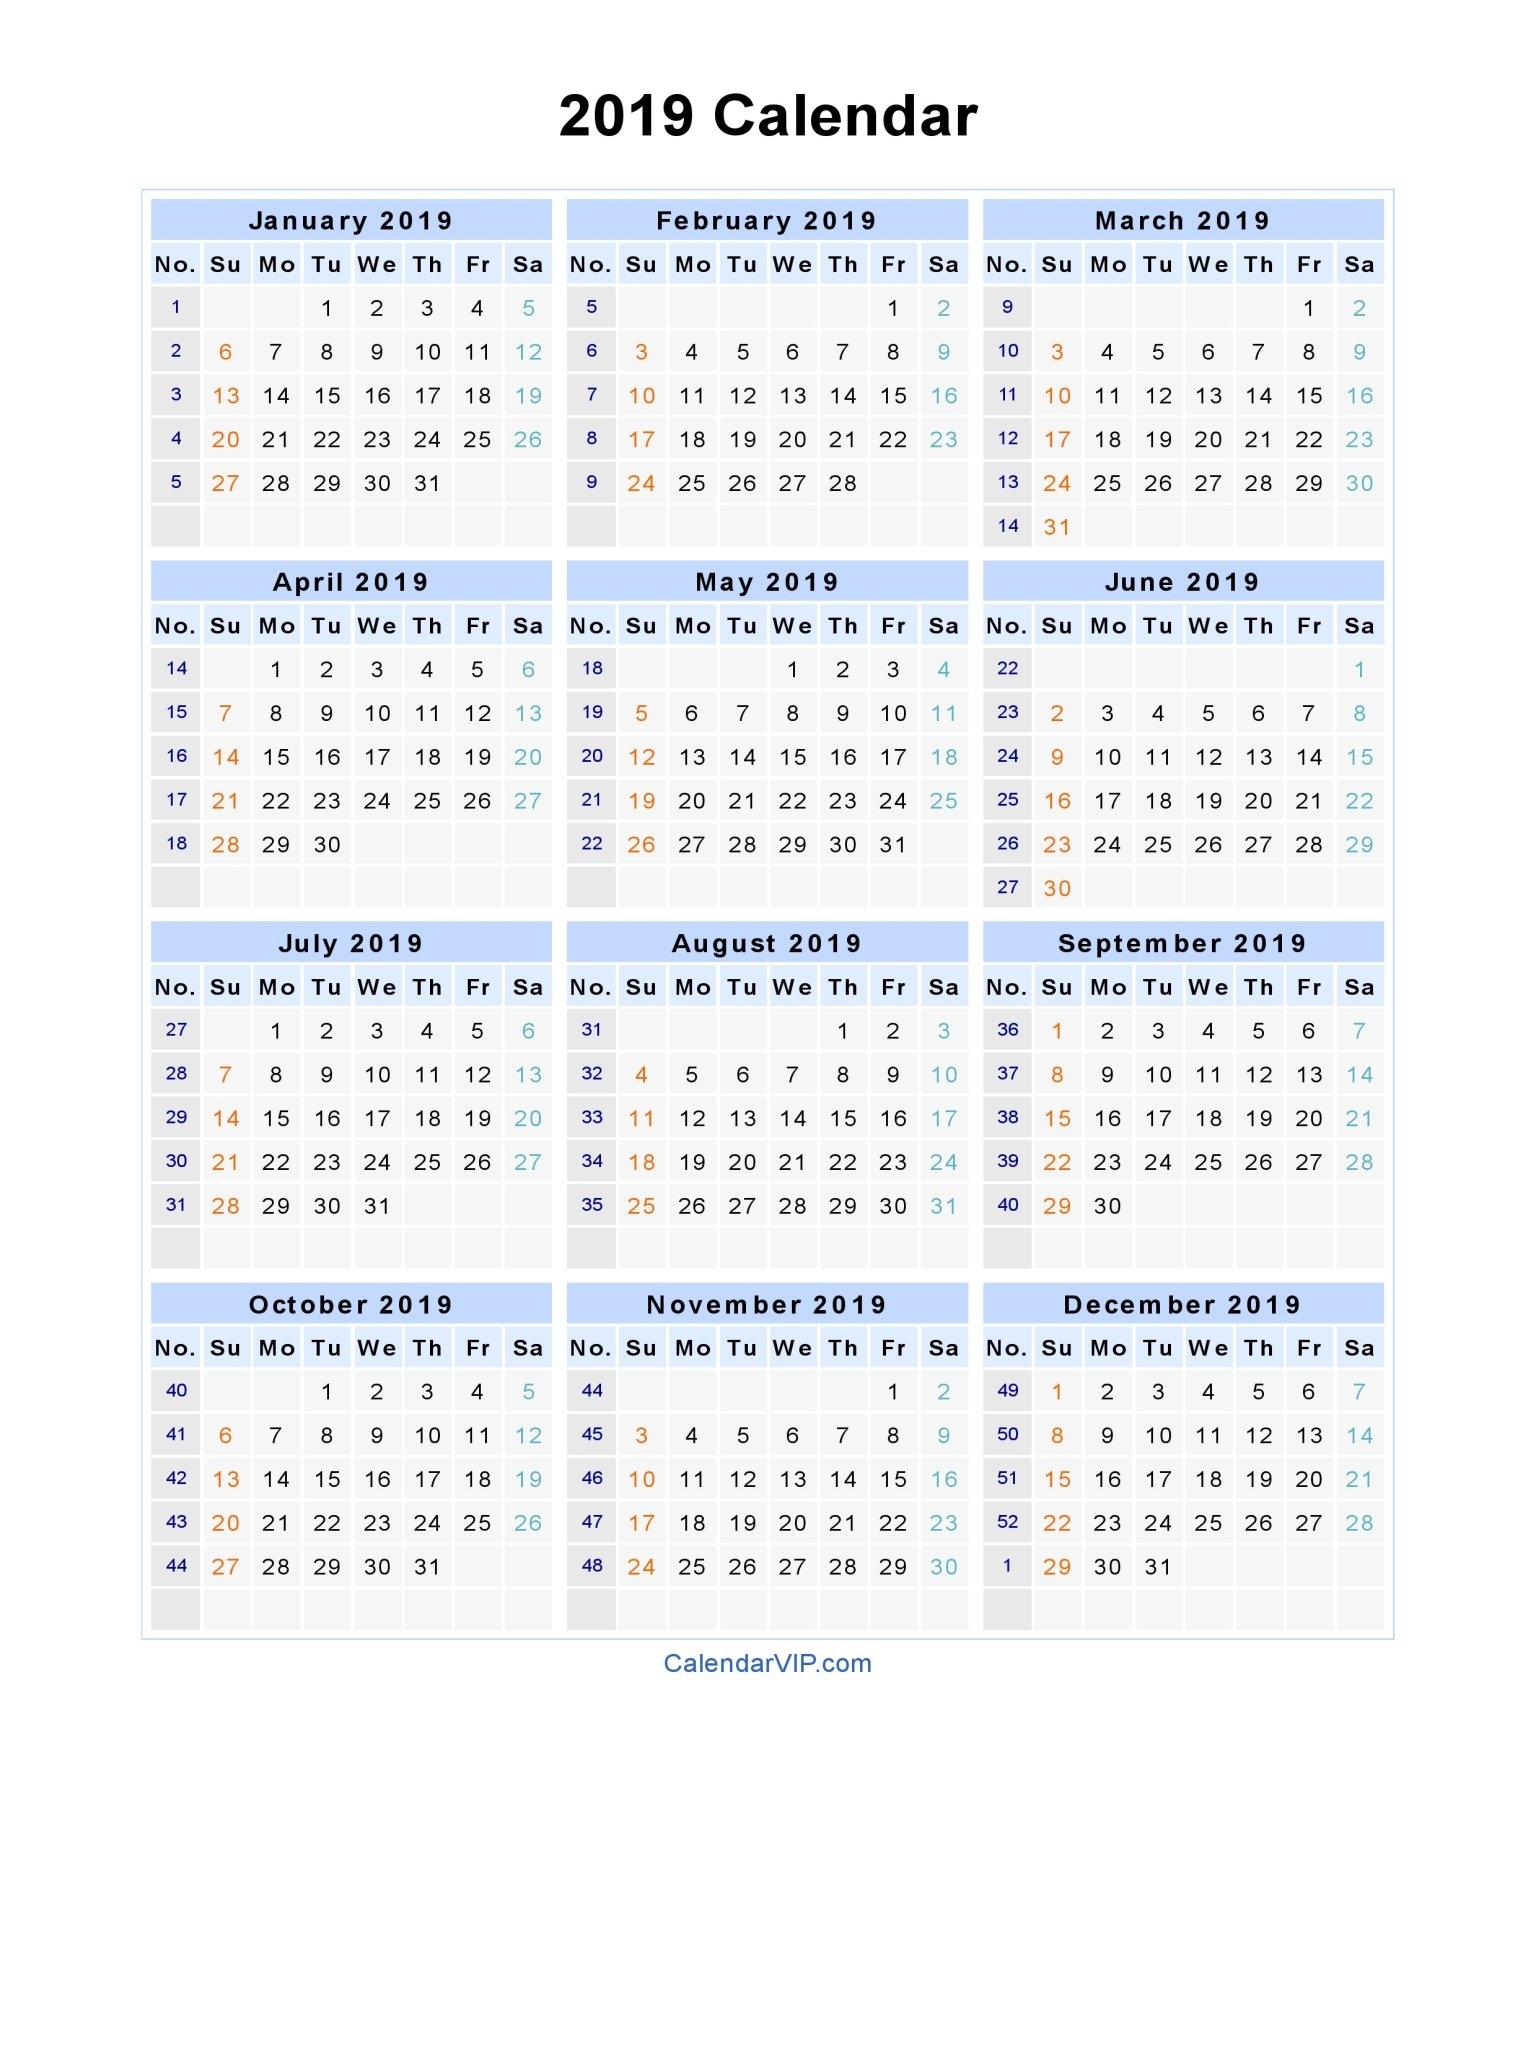 2019 Calendar – Blank Printable Calendar Template In Pdf Word Excel Calendar 2019 Excel By Week